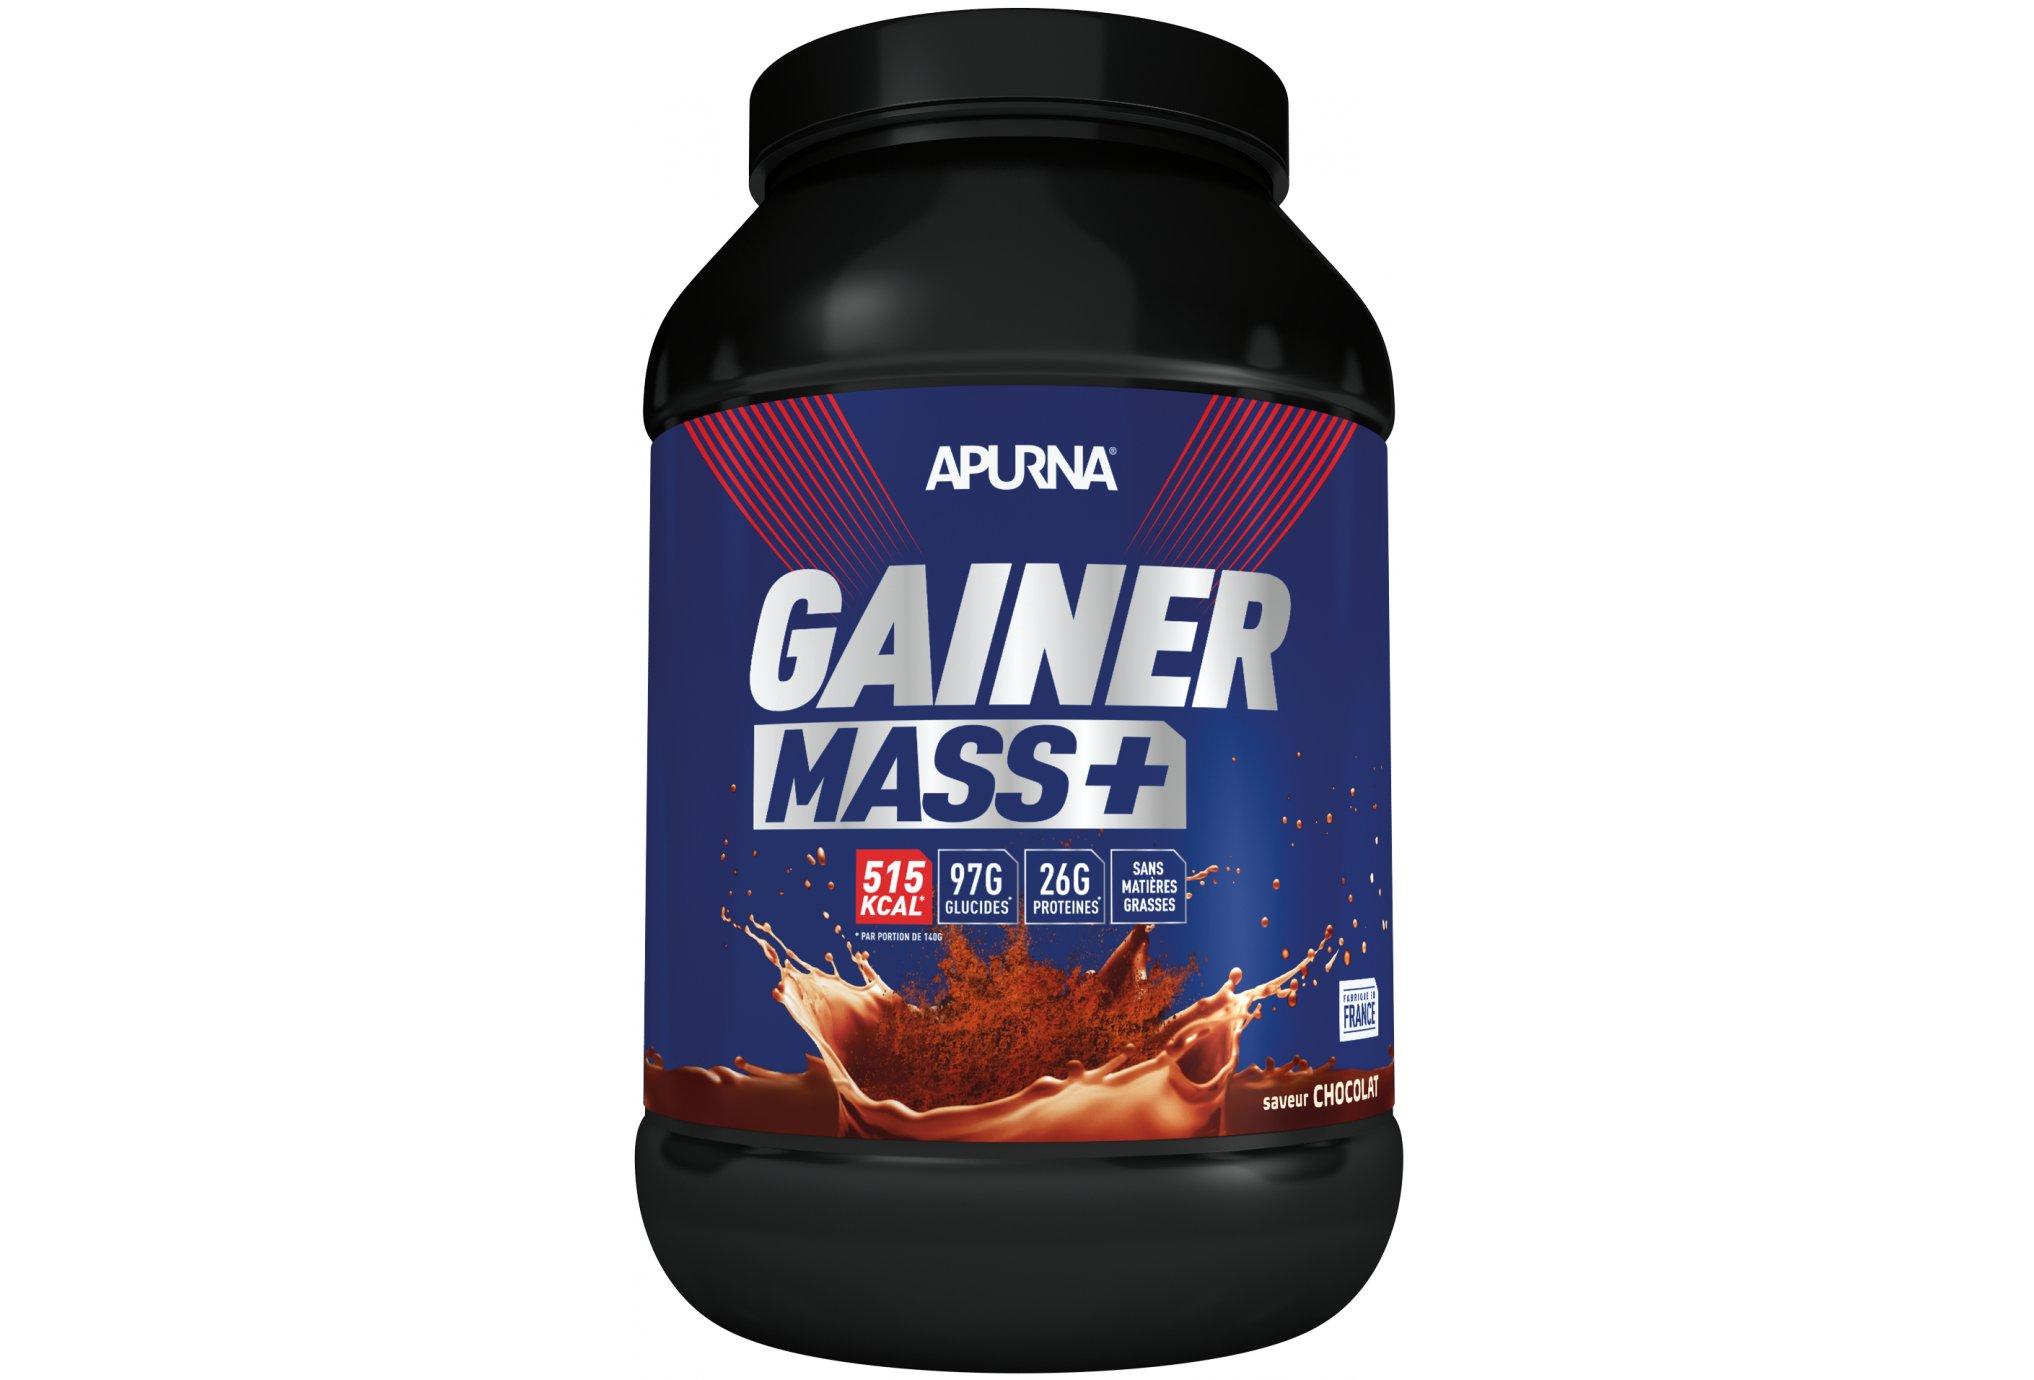 Apurna Gainer mass+ - chocolat 2 kg diététique protéines / récupération